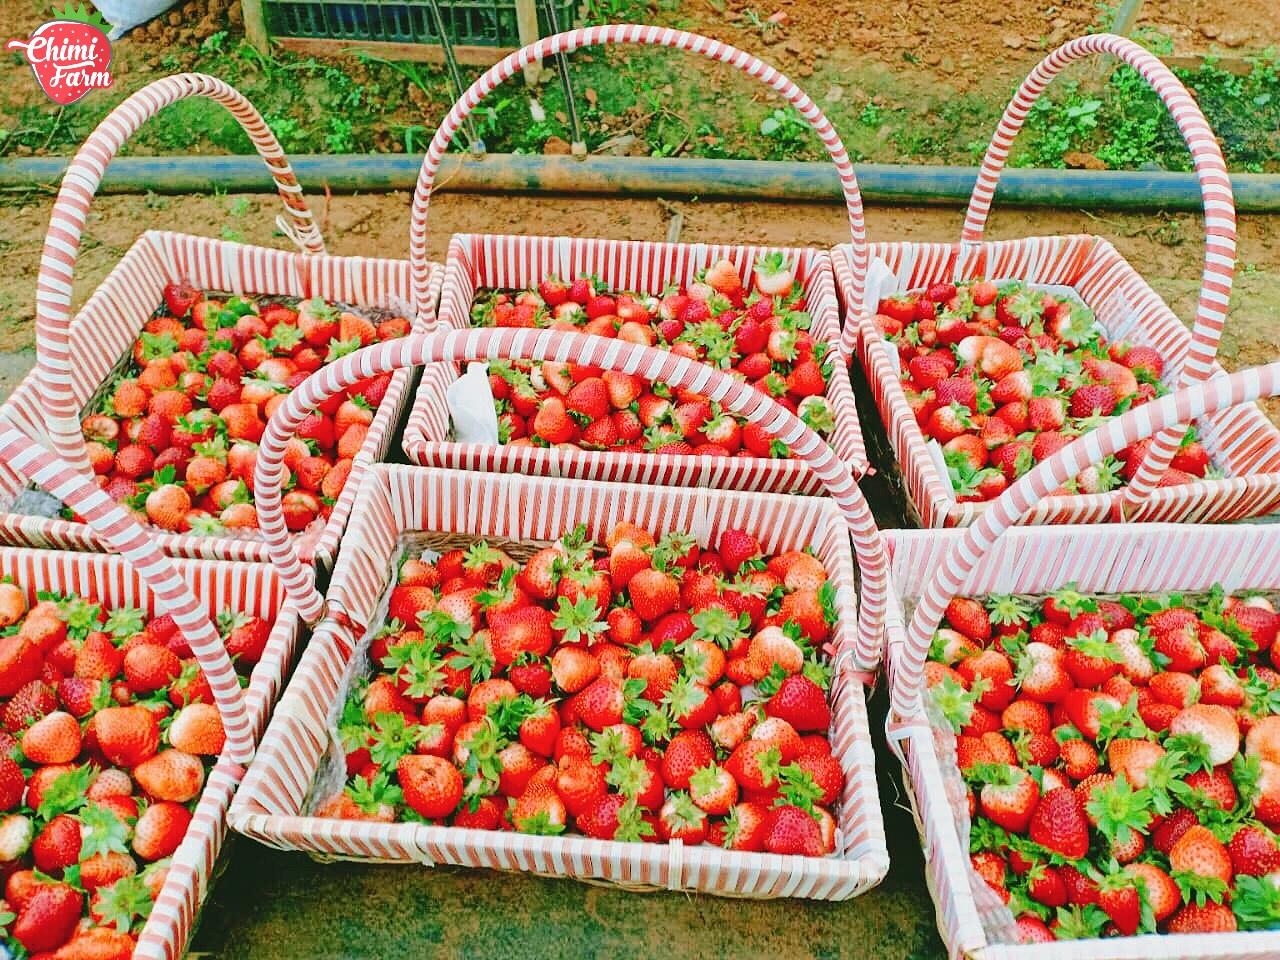 Dâu tây tươi là sản phẩm chính của Chimi Farm